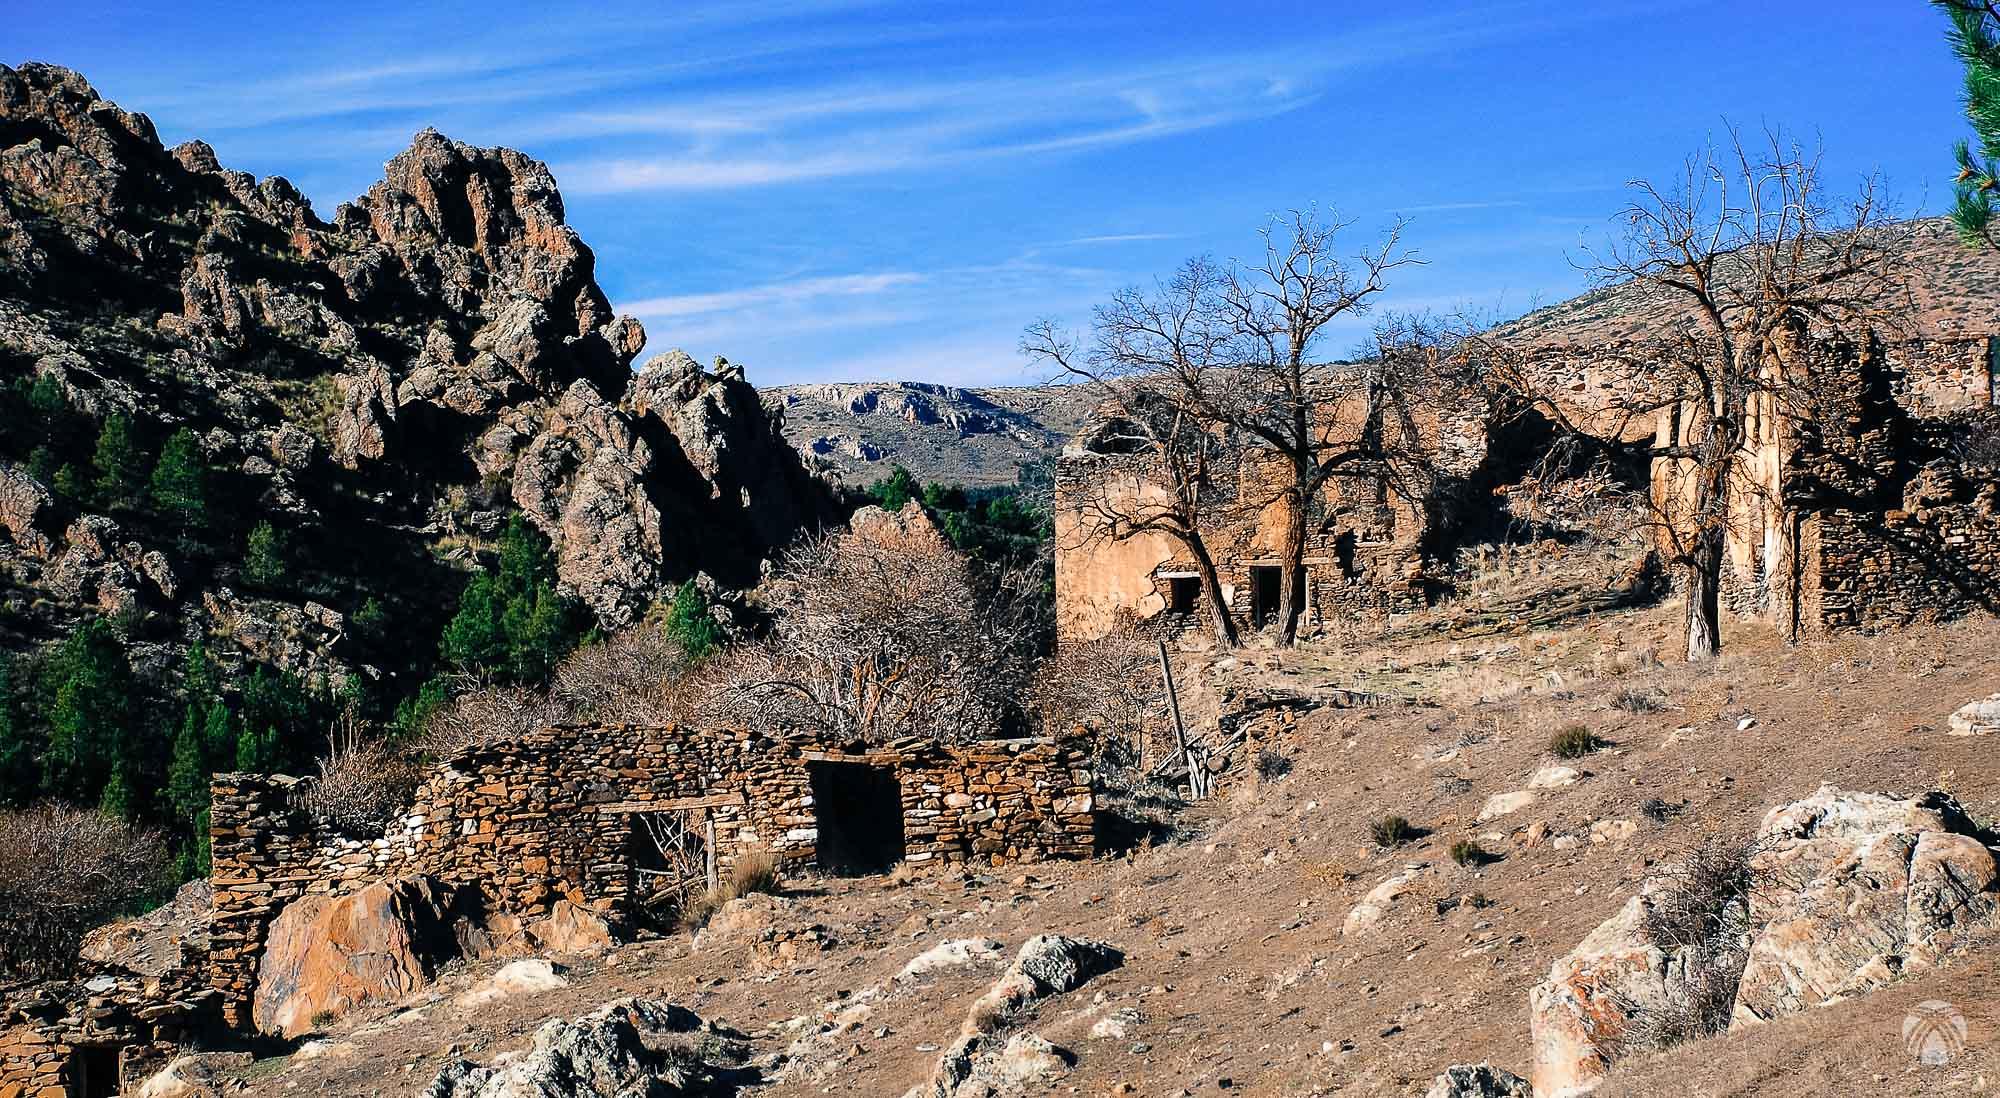 Un lugar precioso: la aldea de los Mellizos